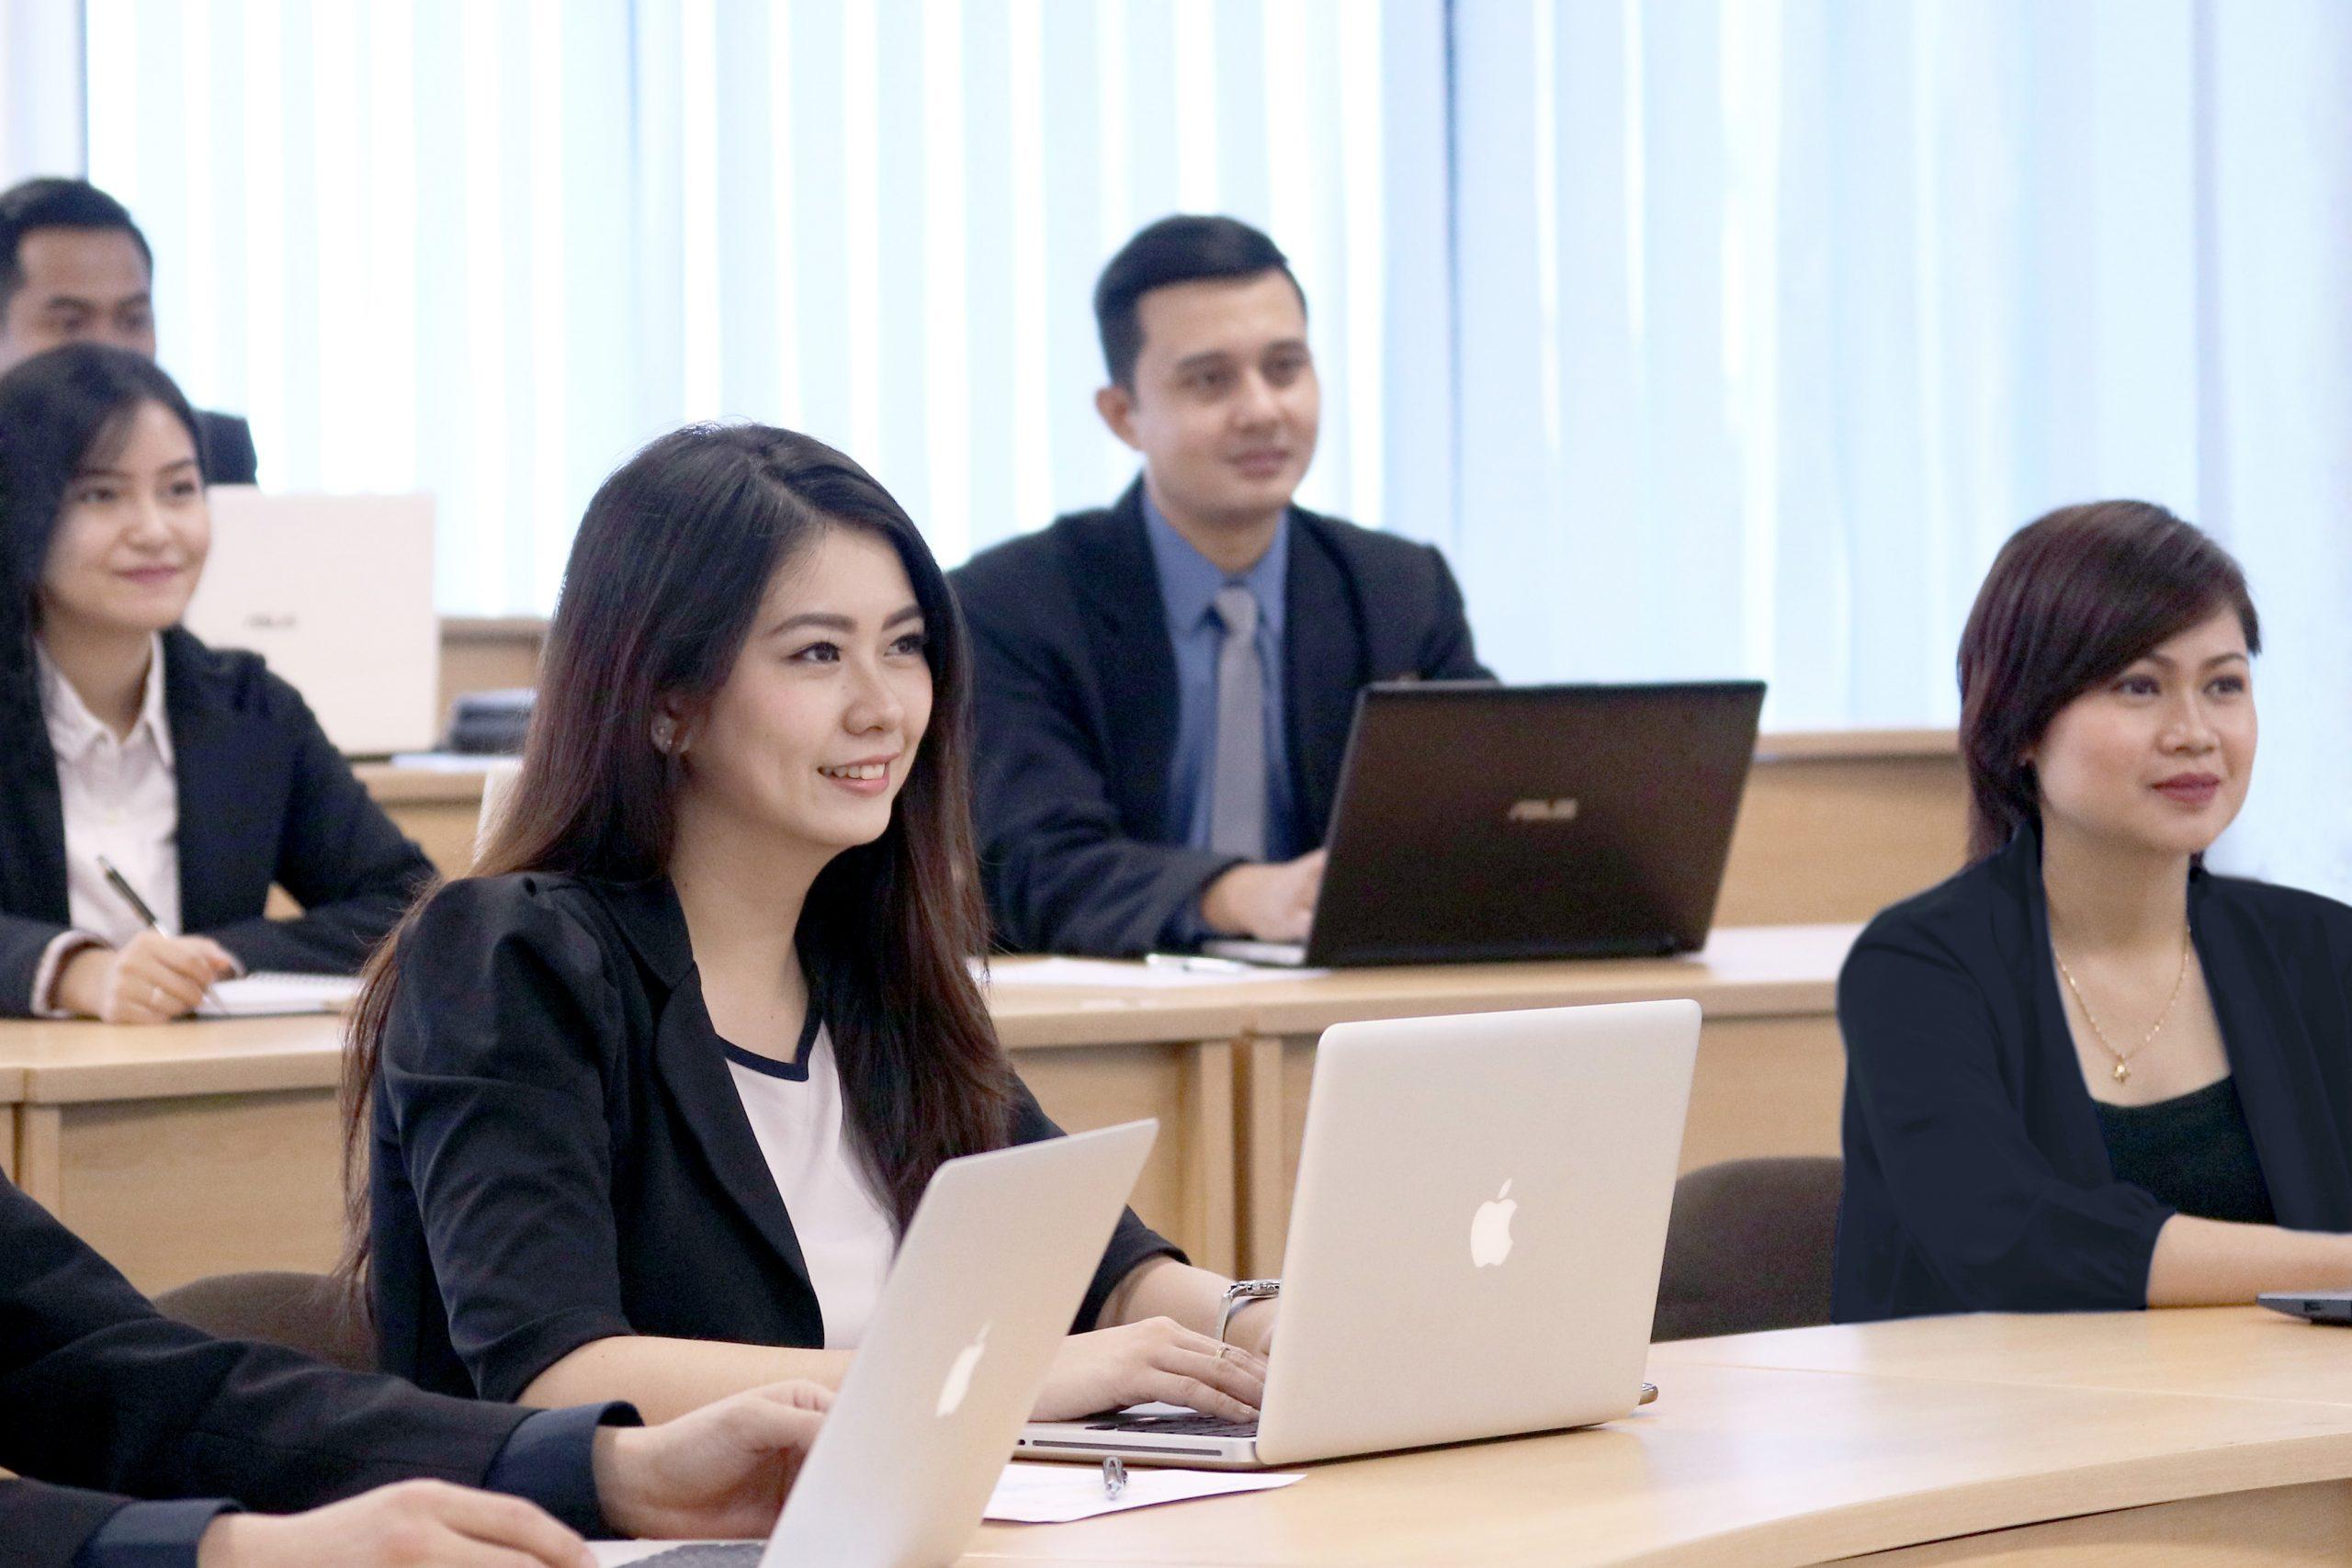 Gambar mahasiswa pascasarjana sedang belajar